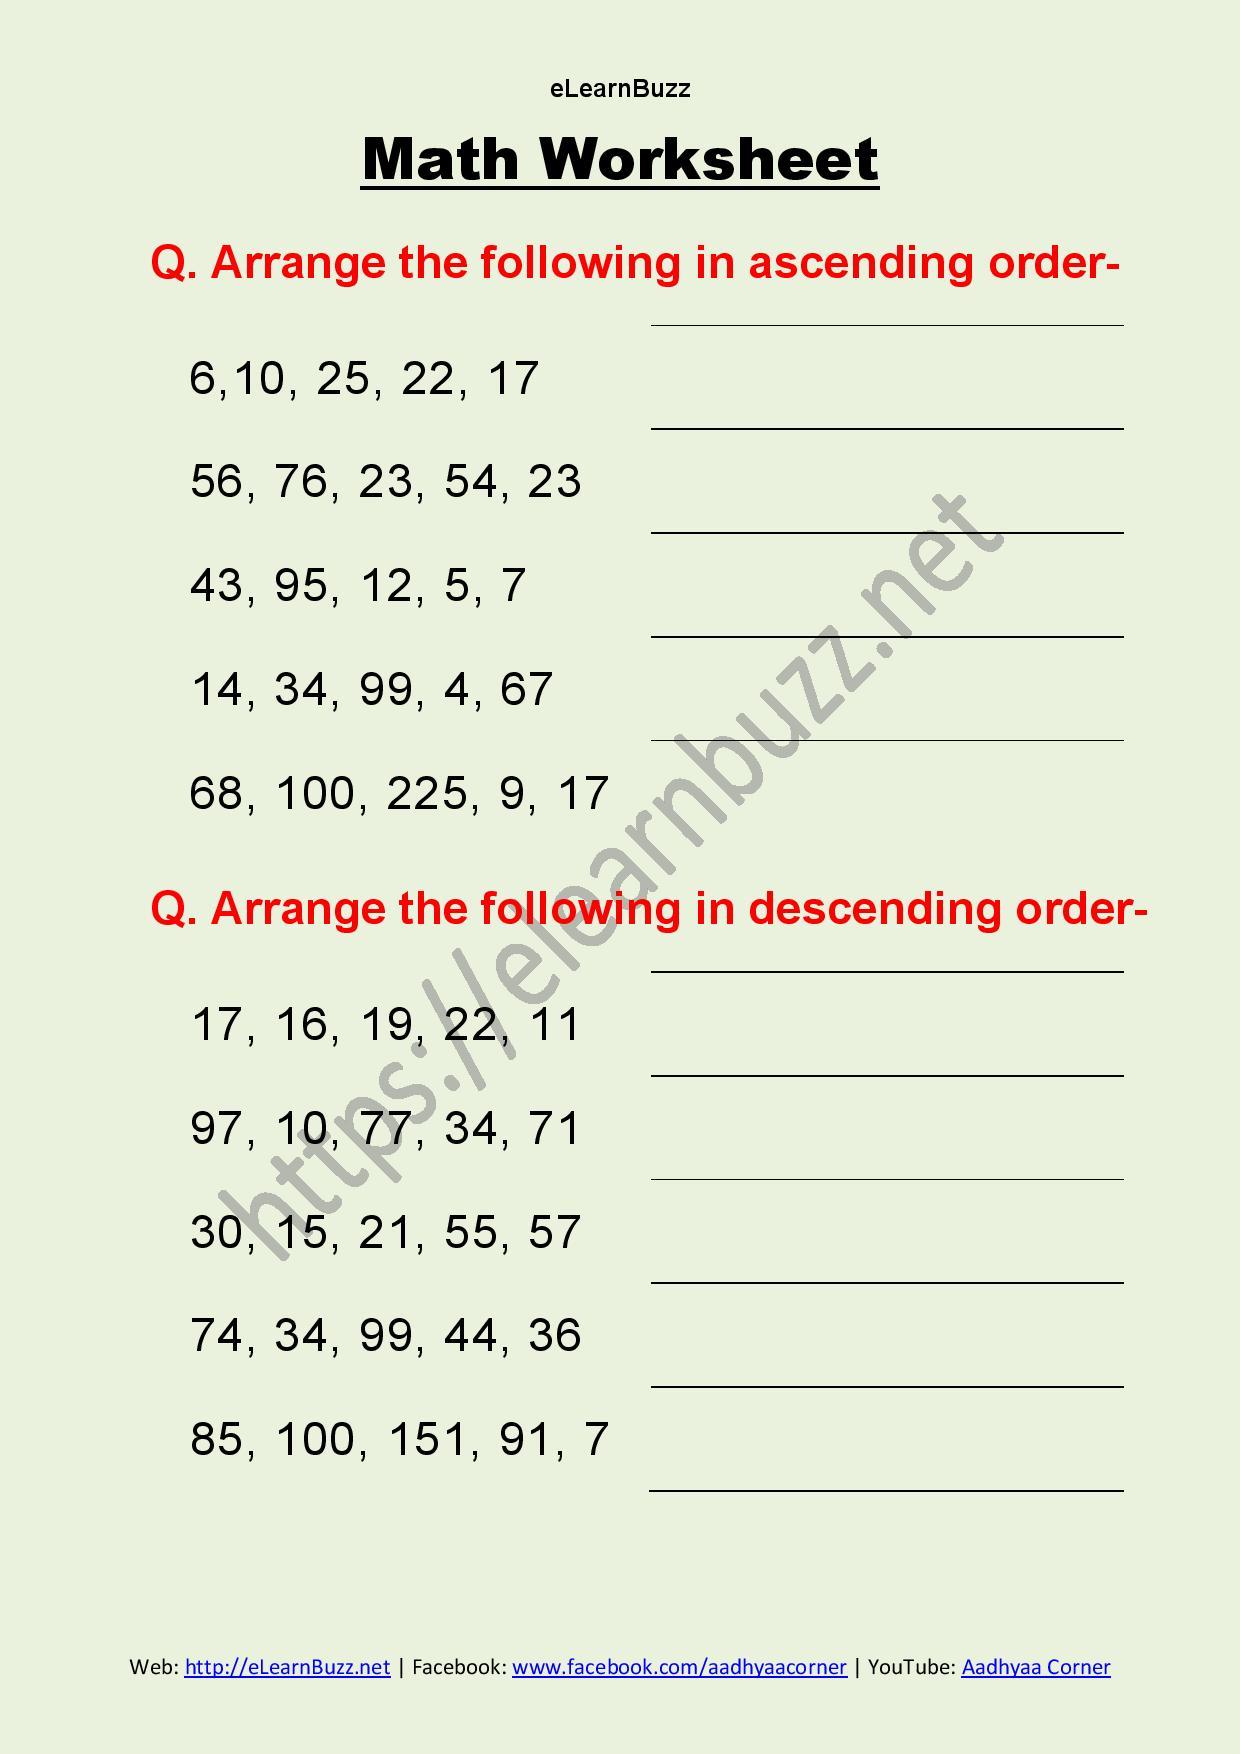 Math Worksheet For Class 2